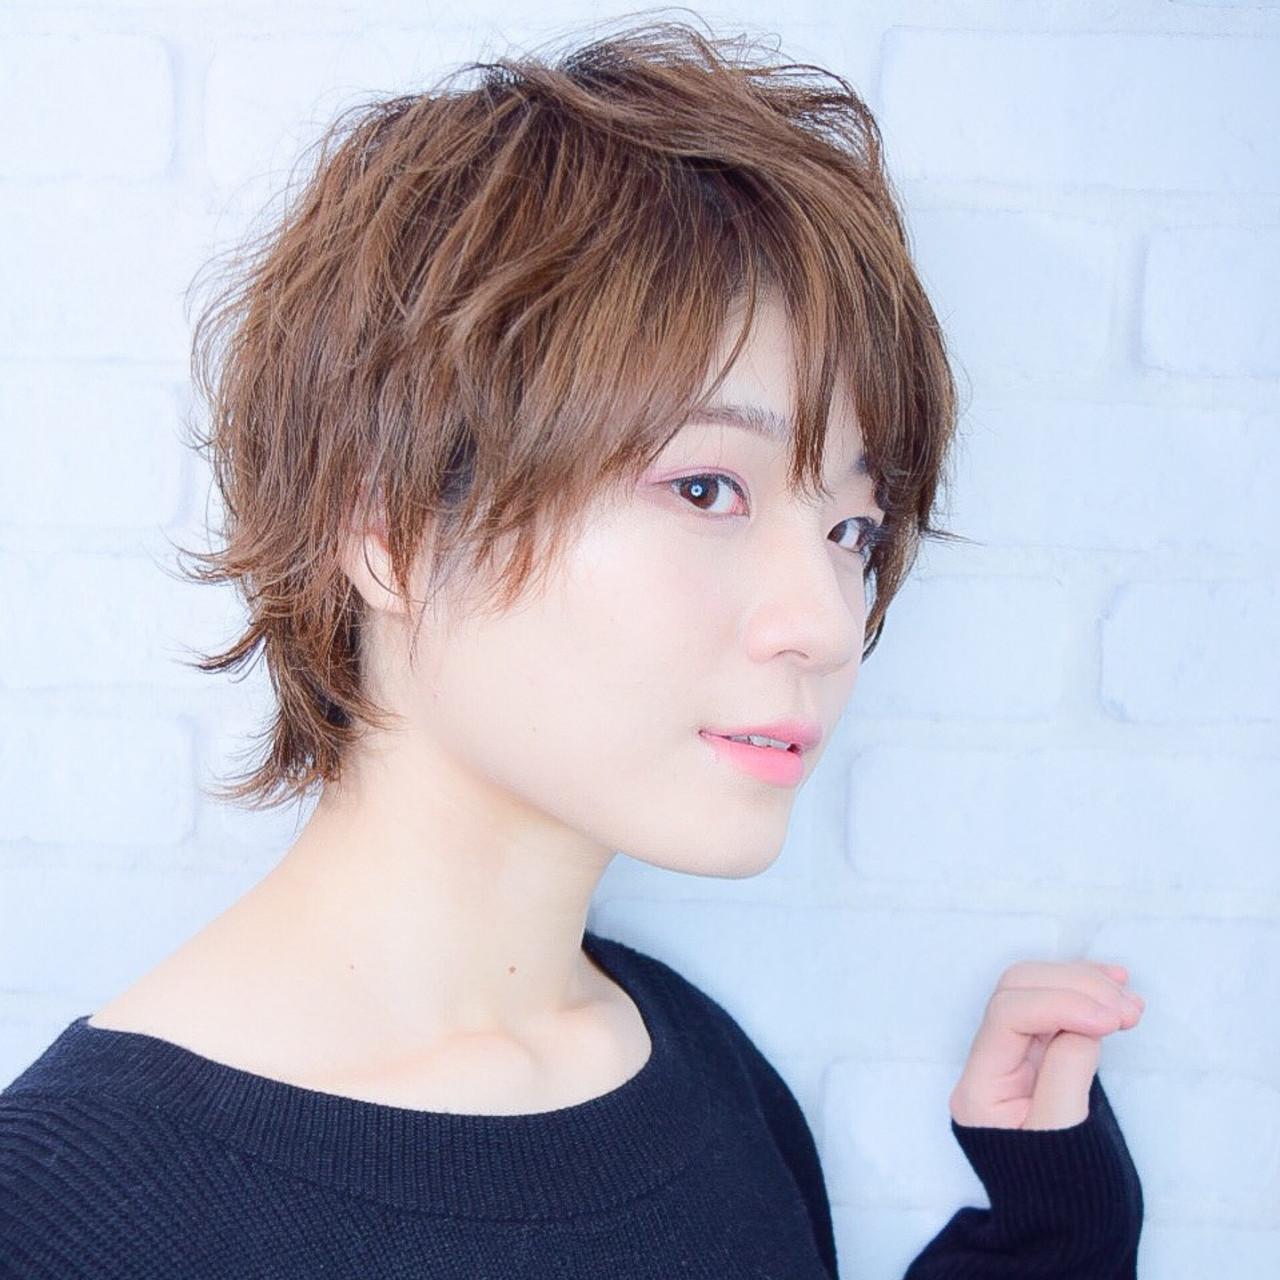 ウルフ女子 ナチュラル 小顔ヘア 前下がりショート ヘアスタイルや髪型の写真・画像   【素材コンシェルジュ型/ショートの極】川島佑一 / Lounge×morio ikebukuro